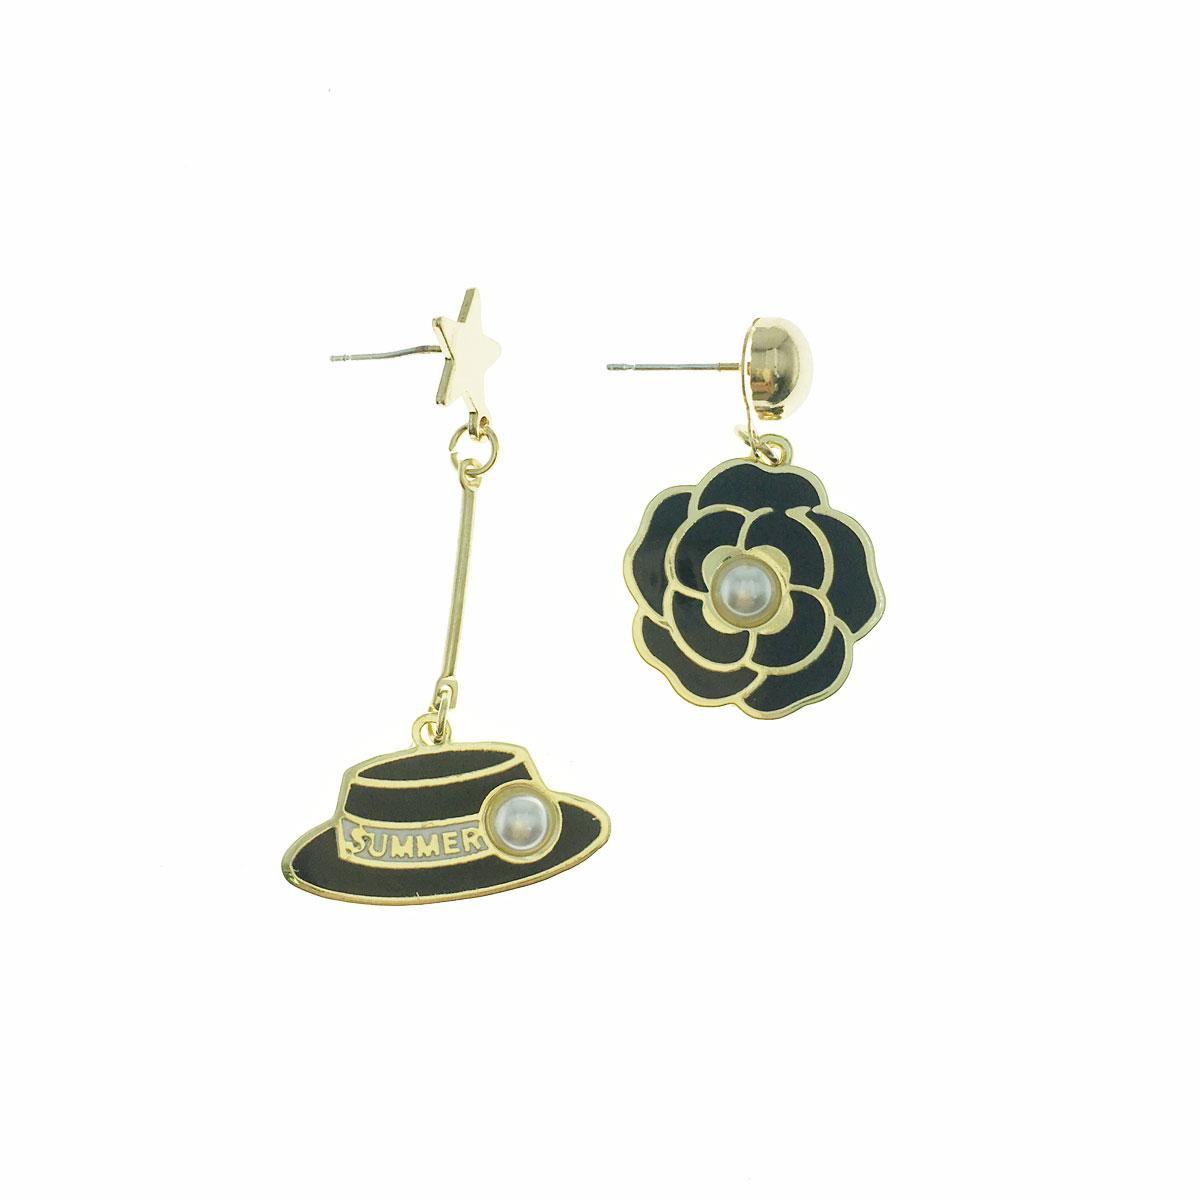 韓國 可愛 925純銀 小香風 珍珠 星星 不對稱 垂墜感 耳針式 耳環